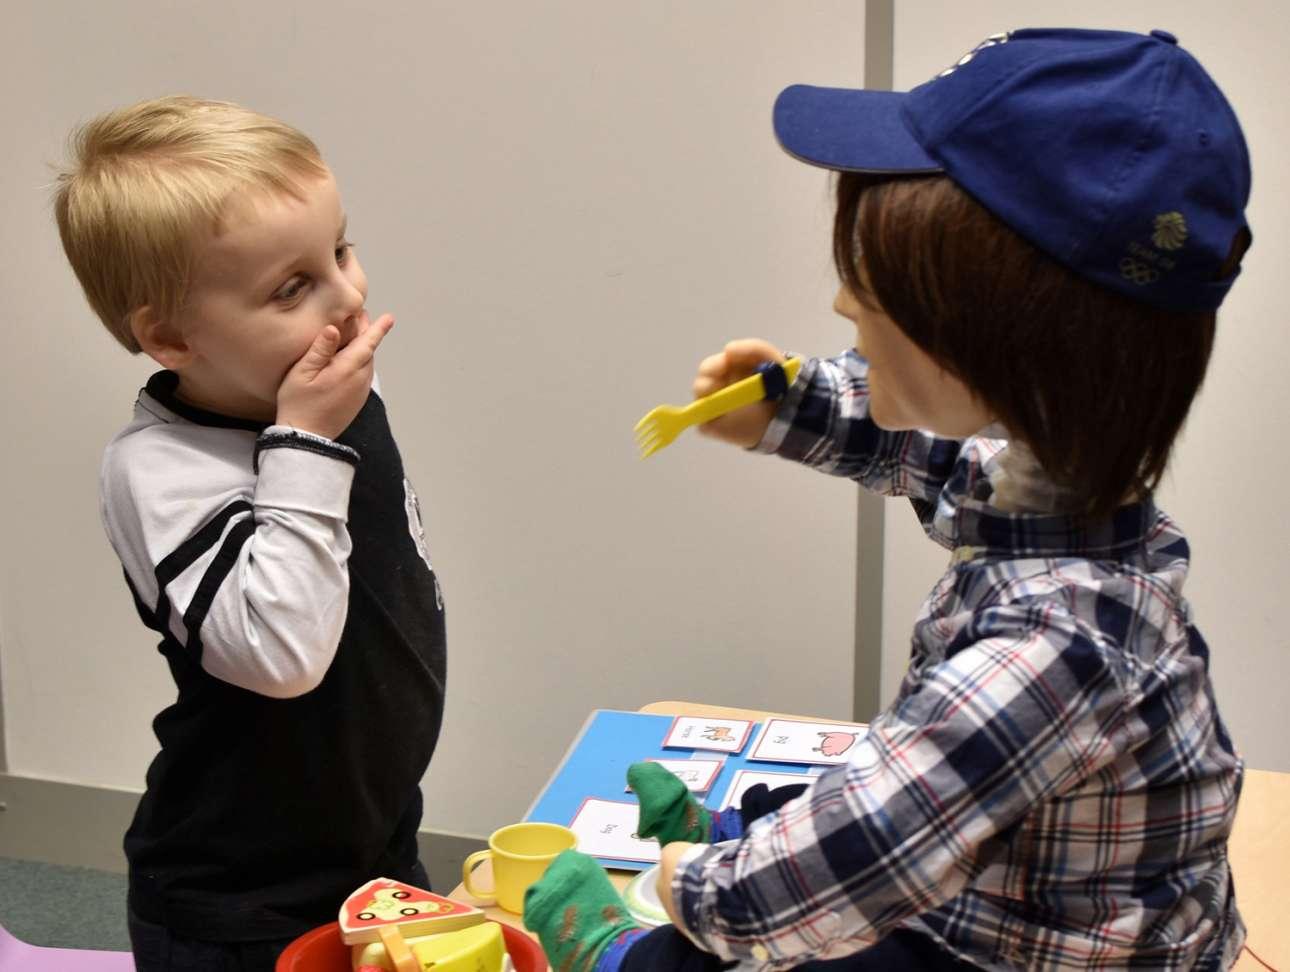 Ο πεντάχρονος Χάρισον παίζει με τον καινούργιο του φίλο Κάσπαρ, ένα ανθρωποειδές ρομπότ στο μέγεθος παιδιού. Το πανεπιστήμιο Χέρτφορντσαϊρ της Αγγλίας δημιούργησε τον Κάσπαρ για να κάνει παρέα και να βελτιώνει την ζωή των παιδιών με αυτισμό